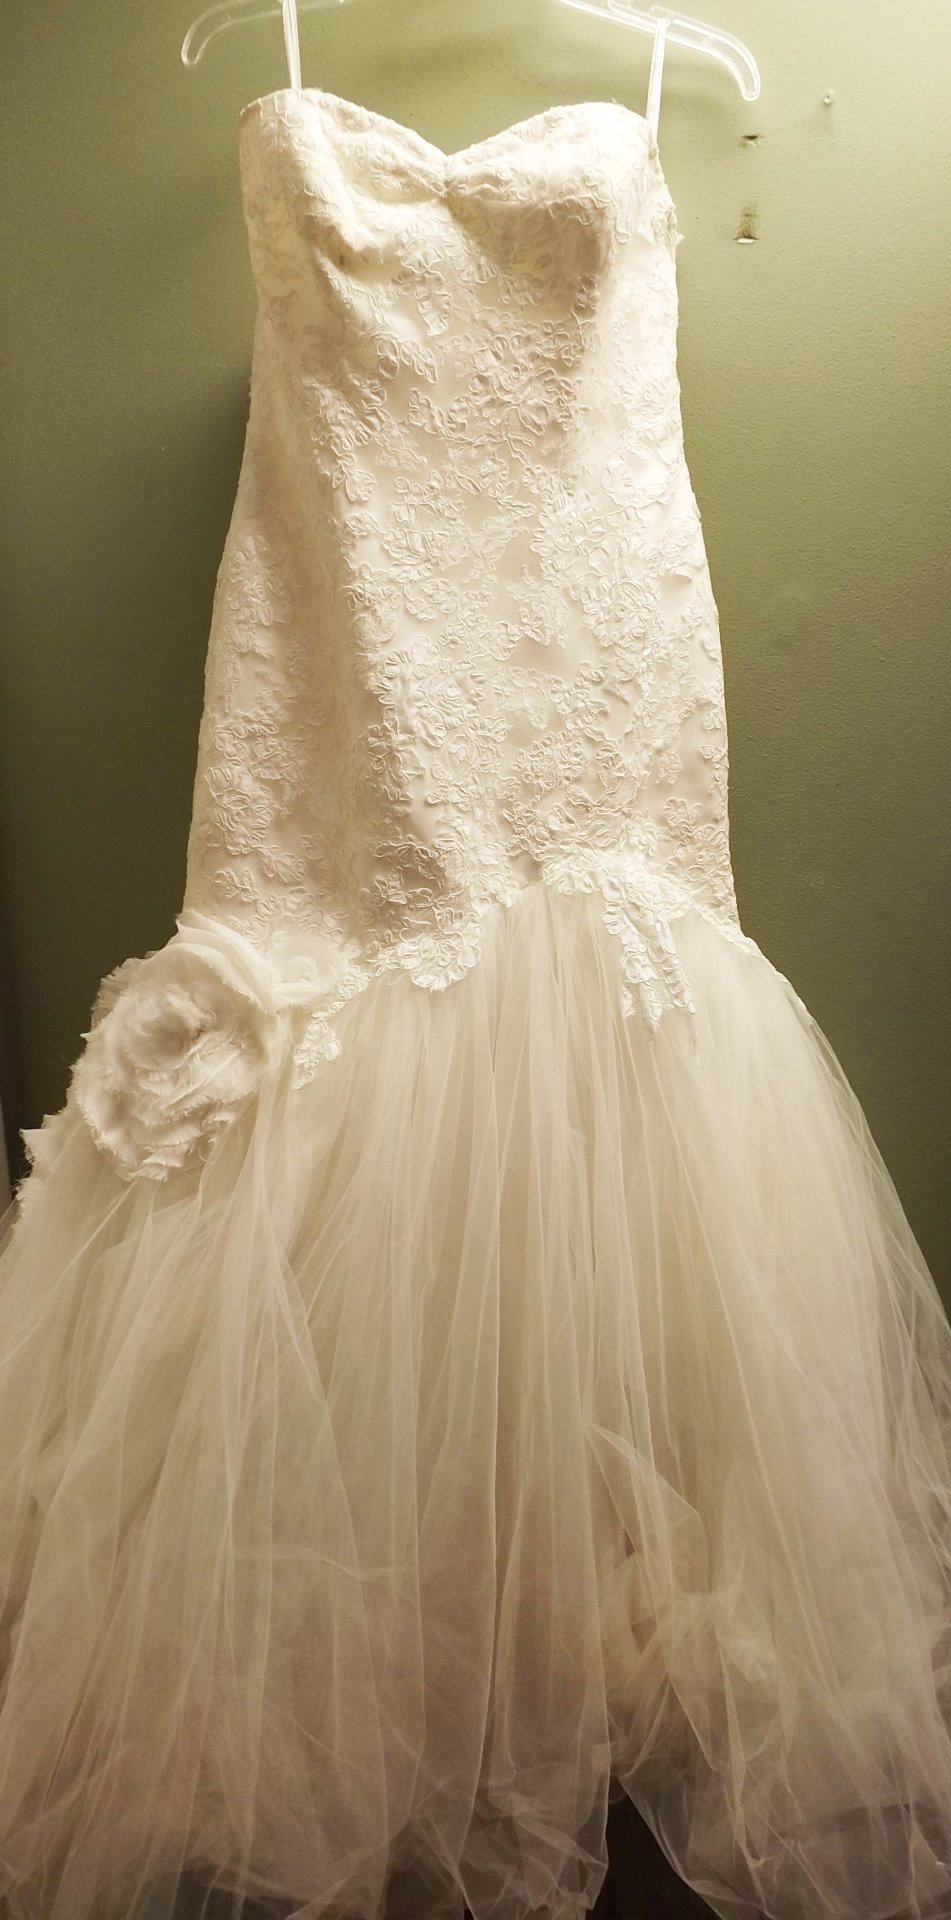 Wedding Dress Alterations Albany, NY